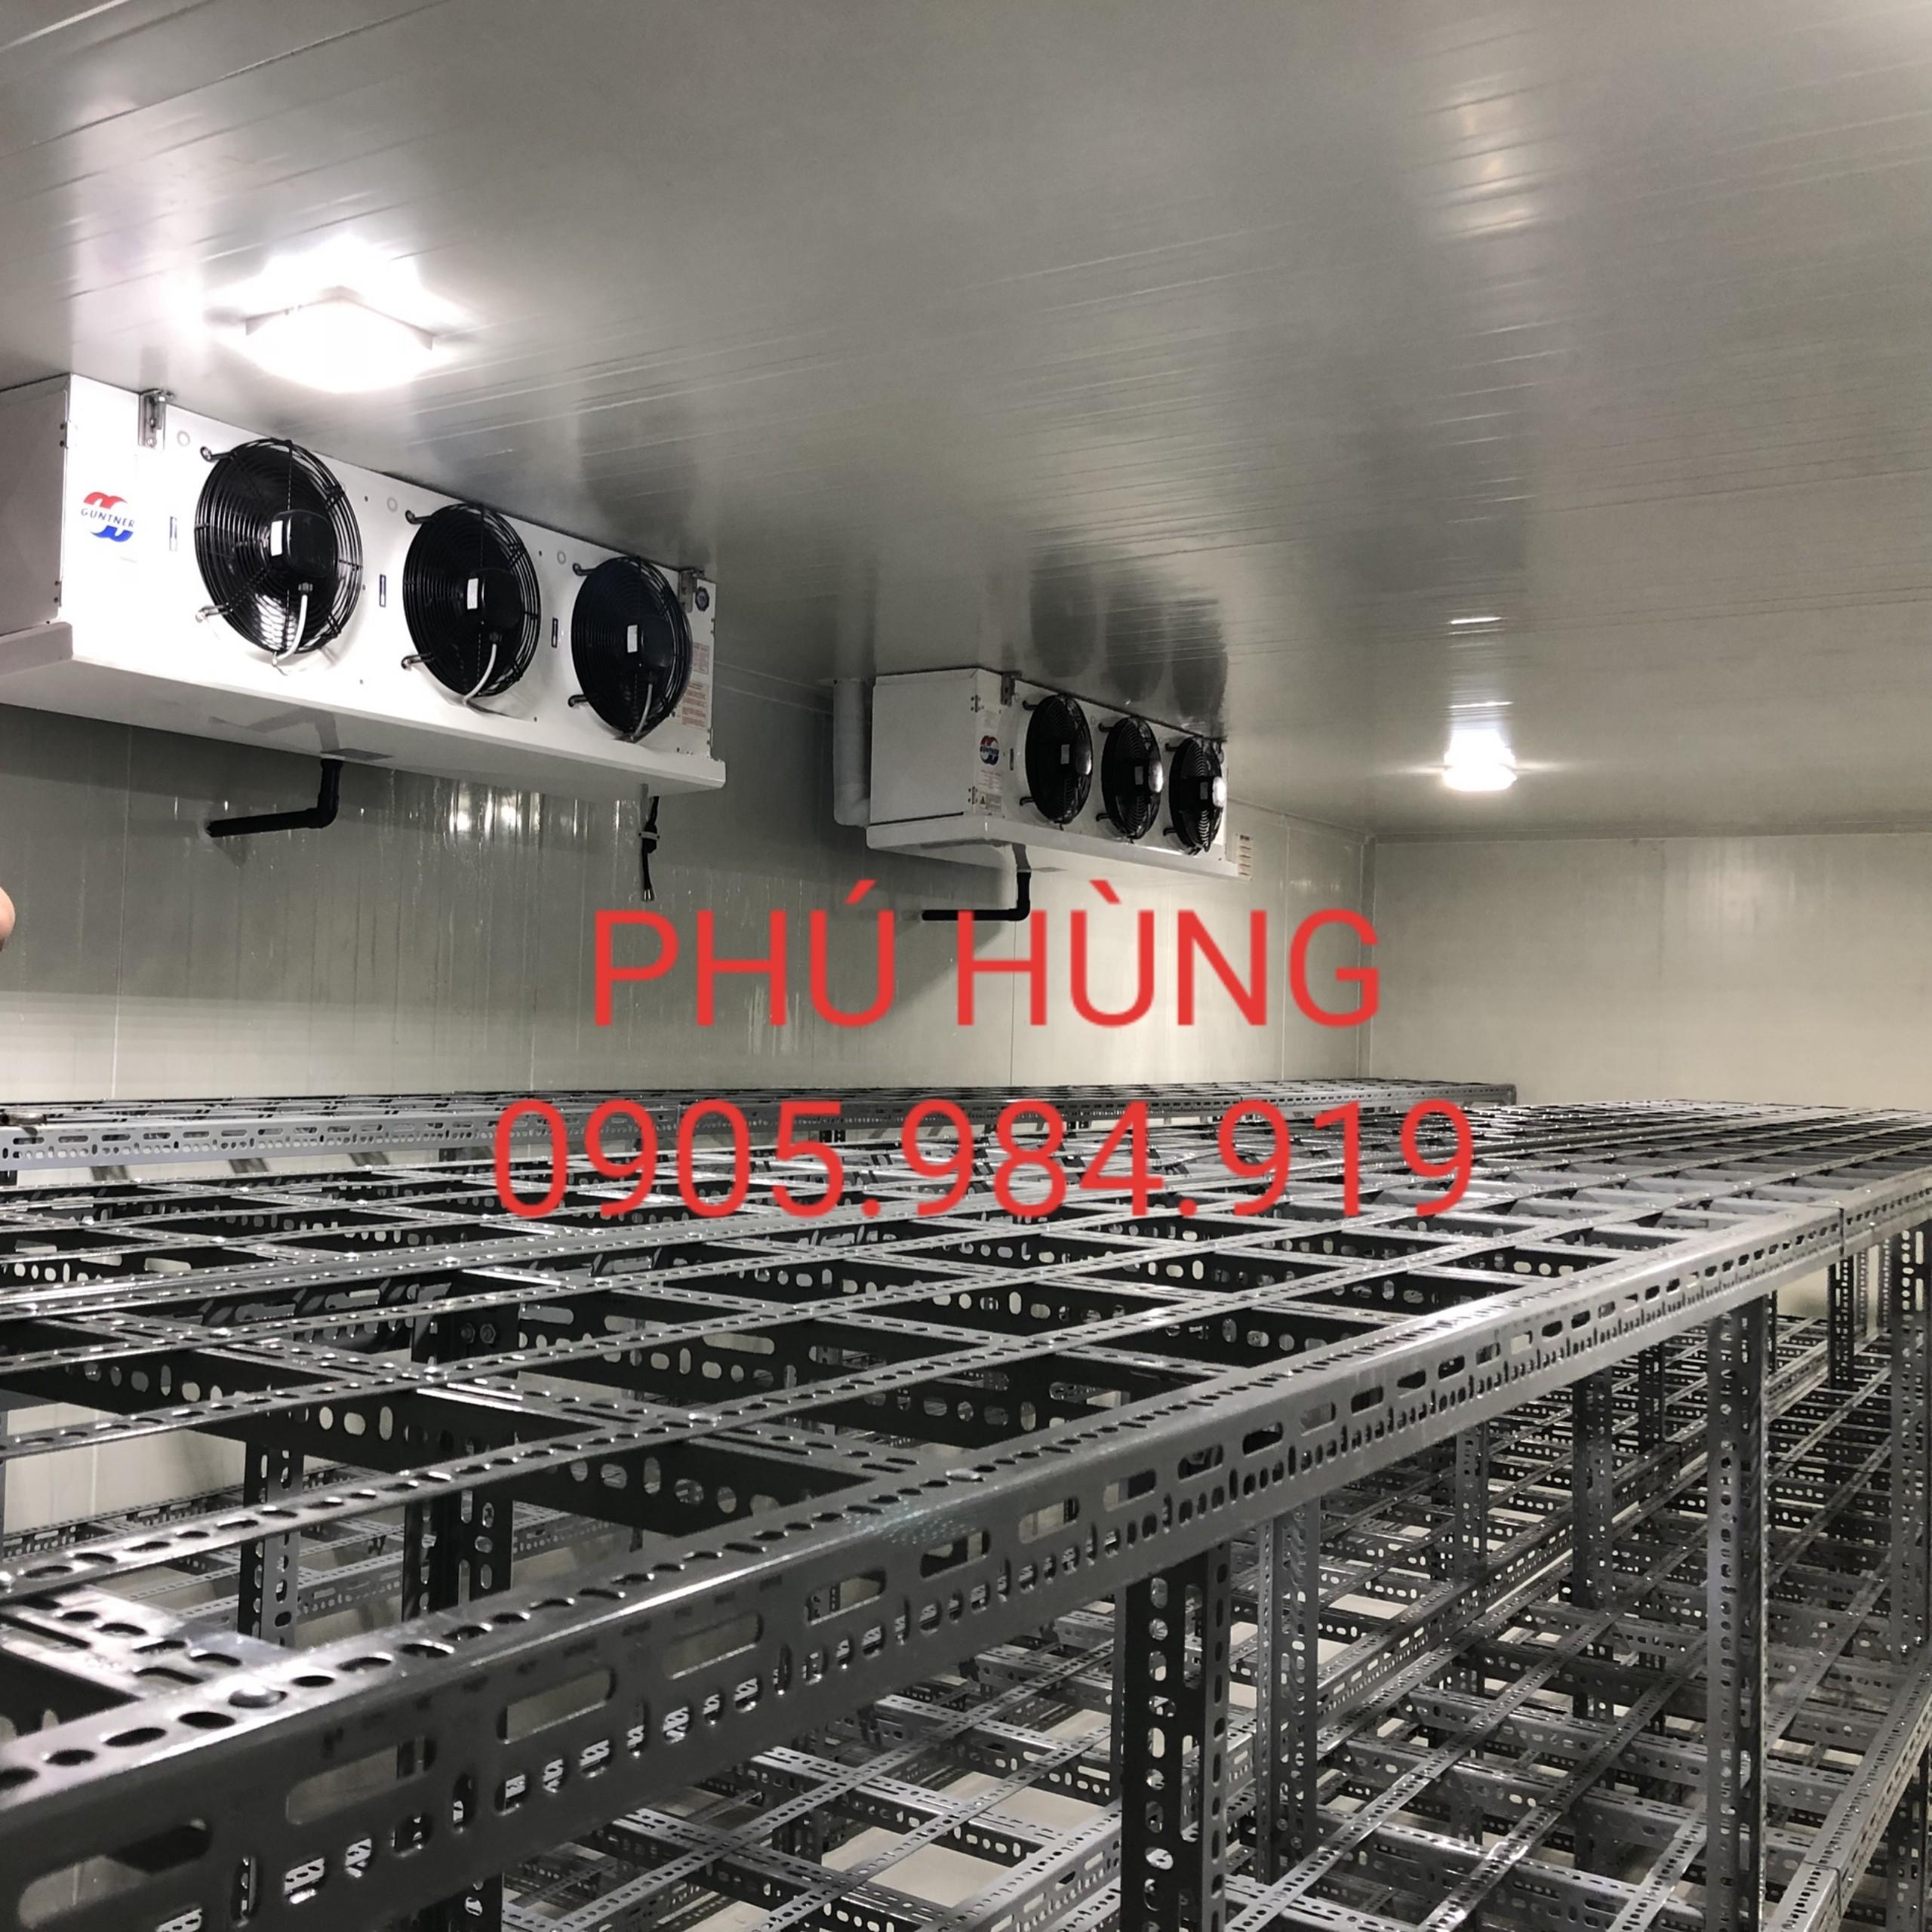 Lắp đặt kho lạnh bảo quản kem, công ty Thành Nhân, Đà Nẵng